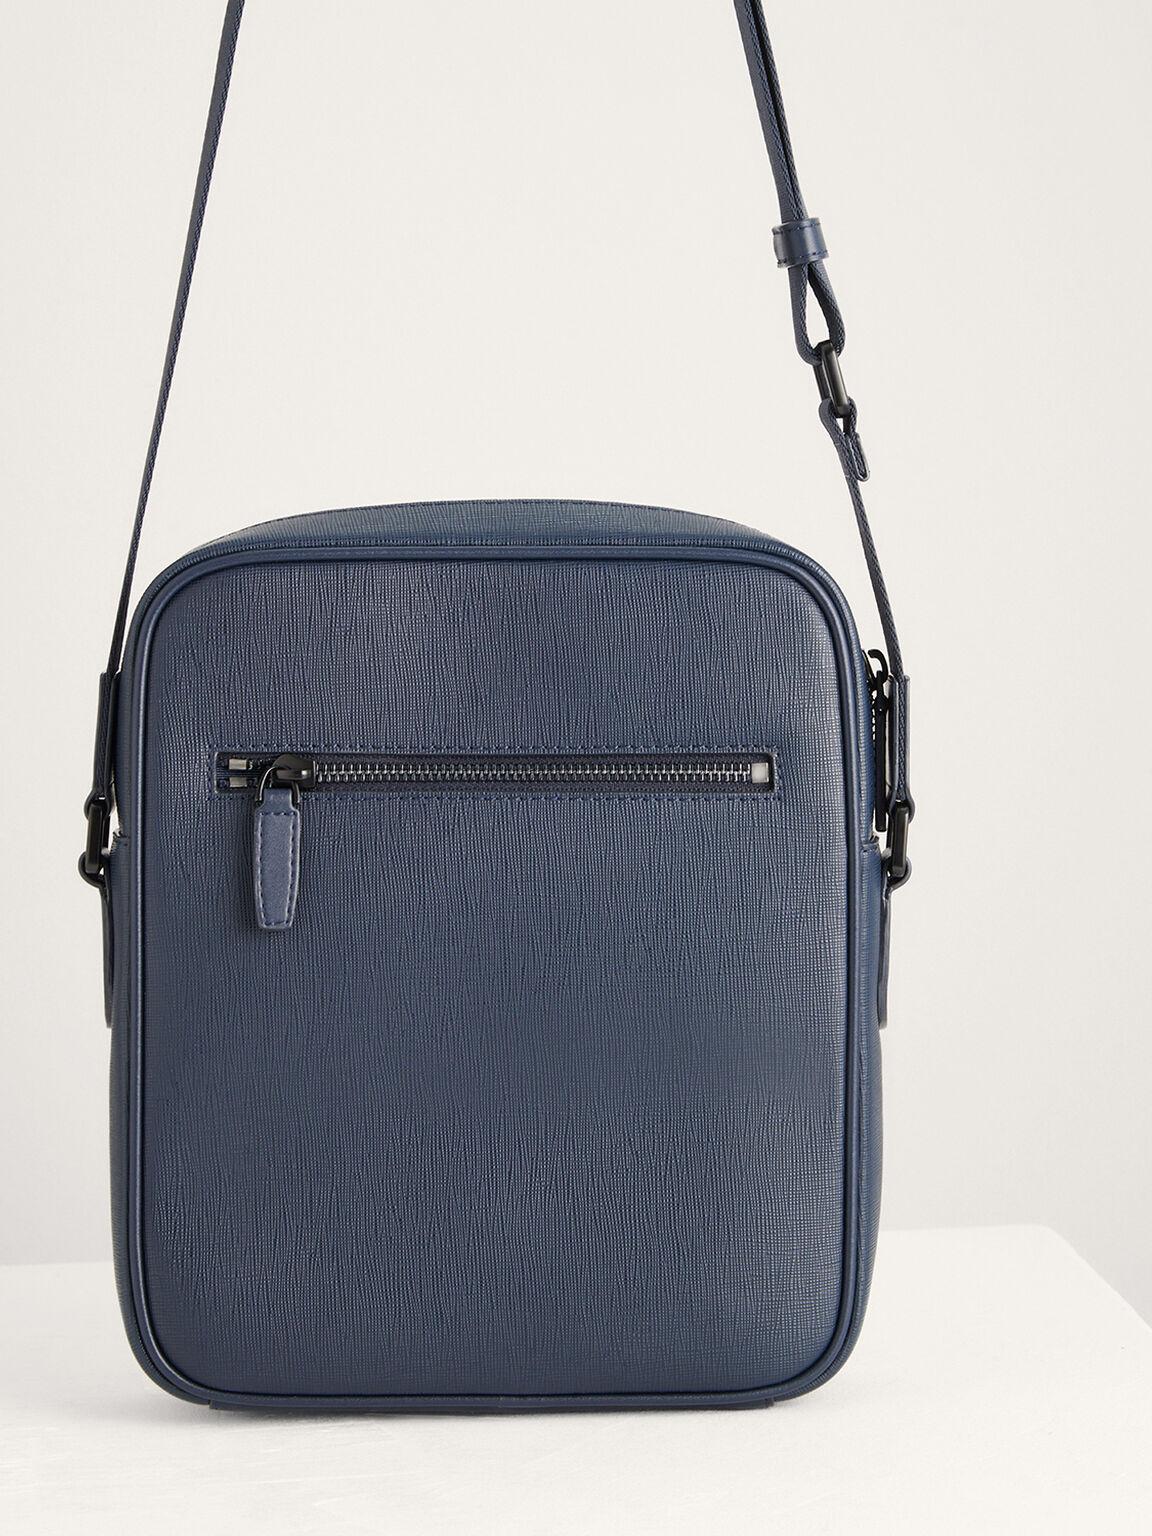 Buckled Leather Sling Bag, Navy, hi-res